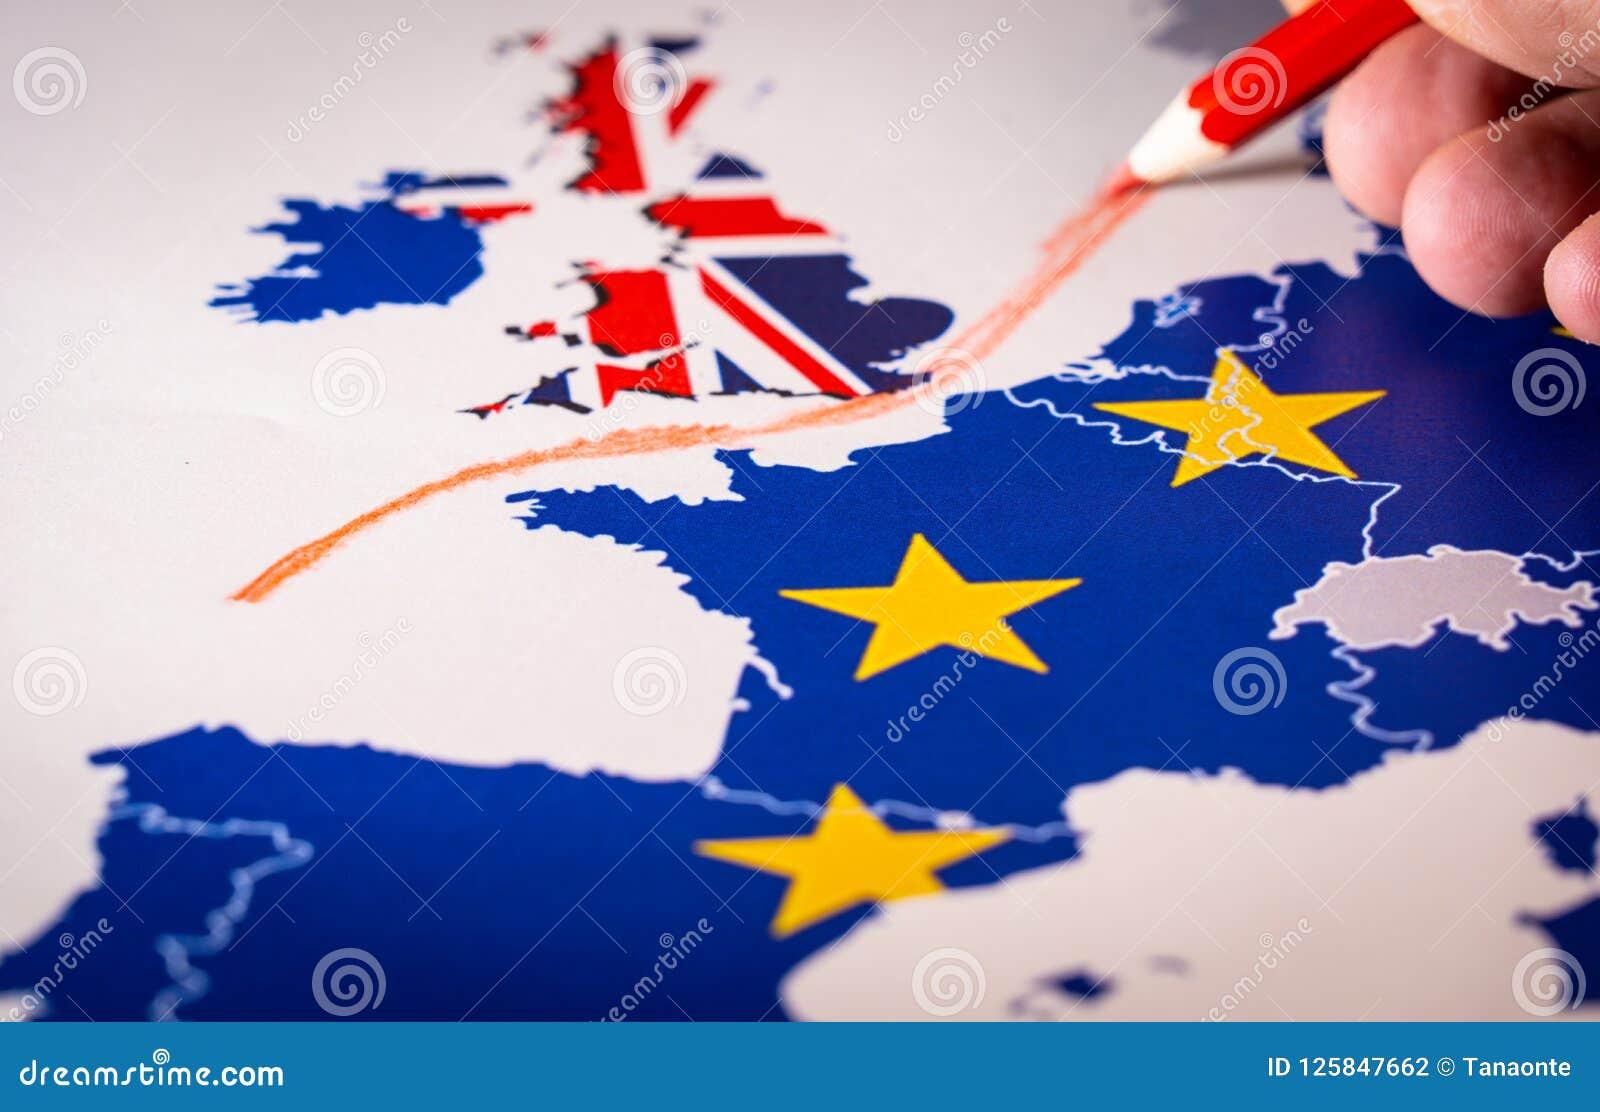 Dé el dibujo de una línea roja entre el Reino Unido y el resto de UE, concepto de Brexit